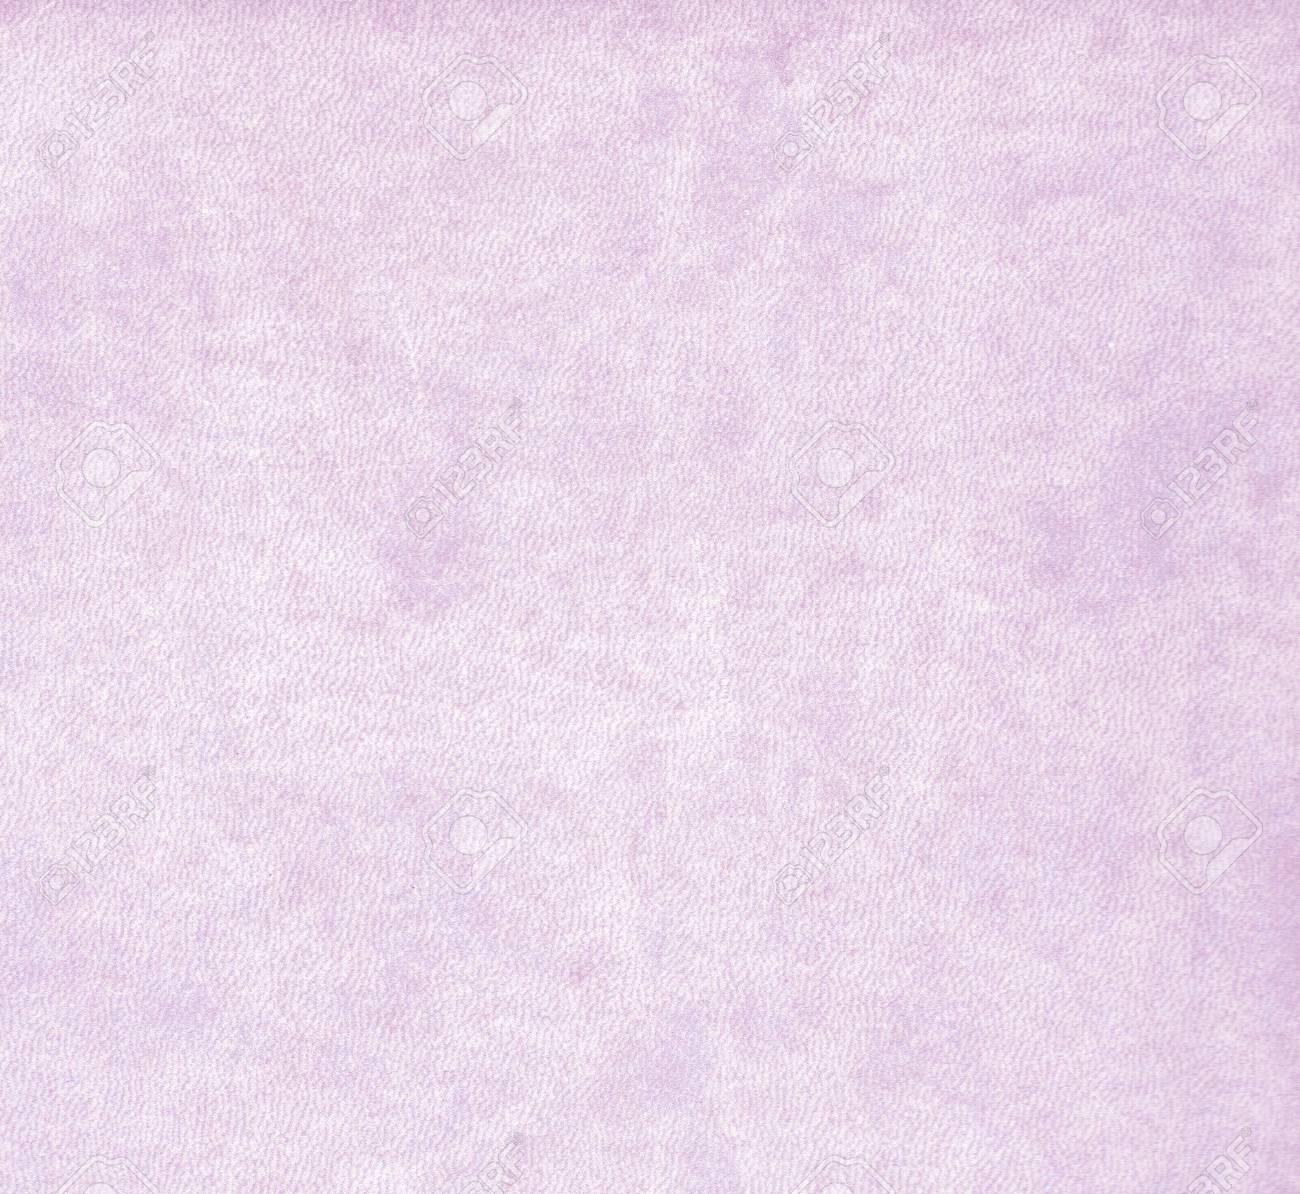 Couleur Violet Clair | deappelsupport